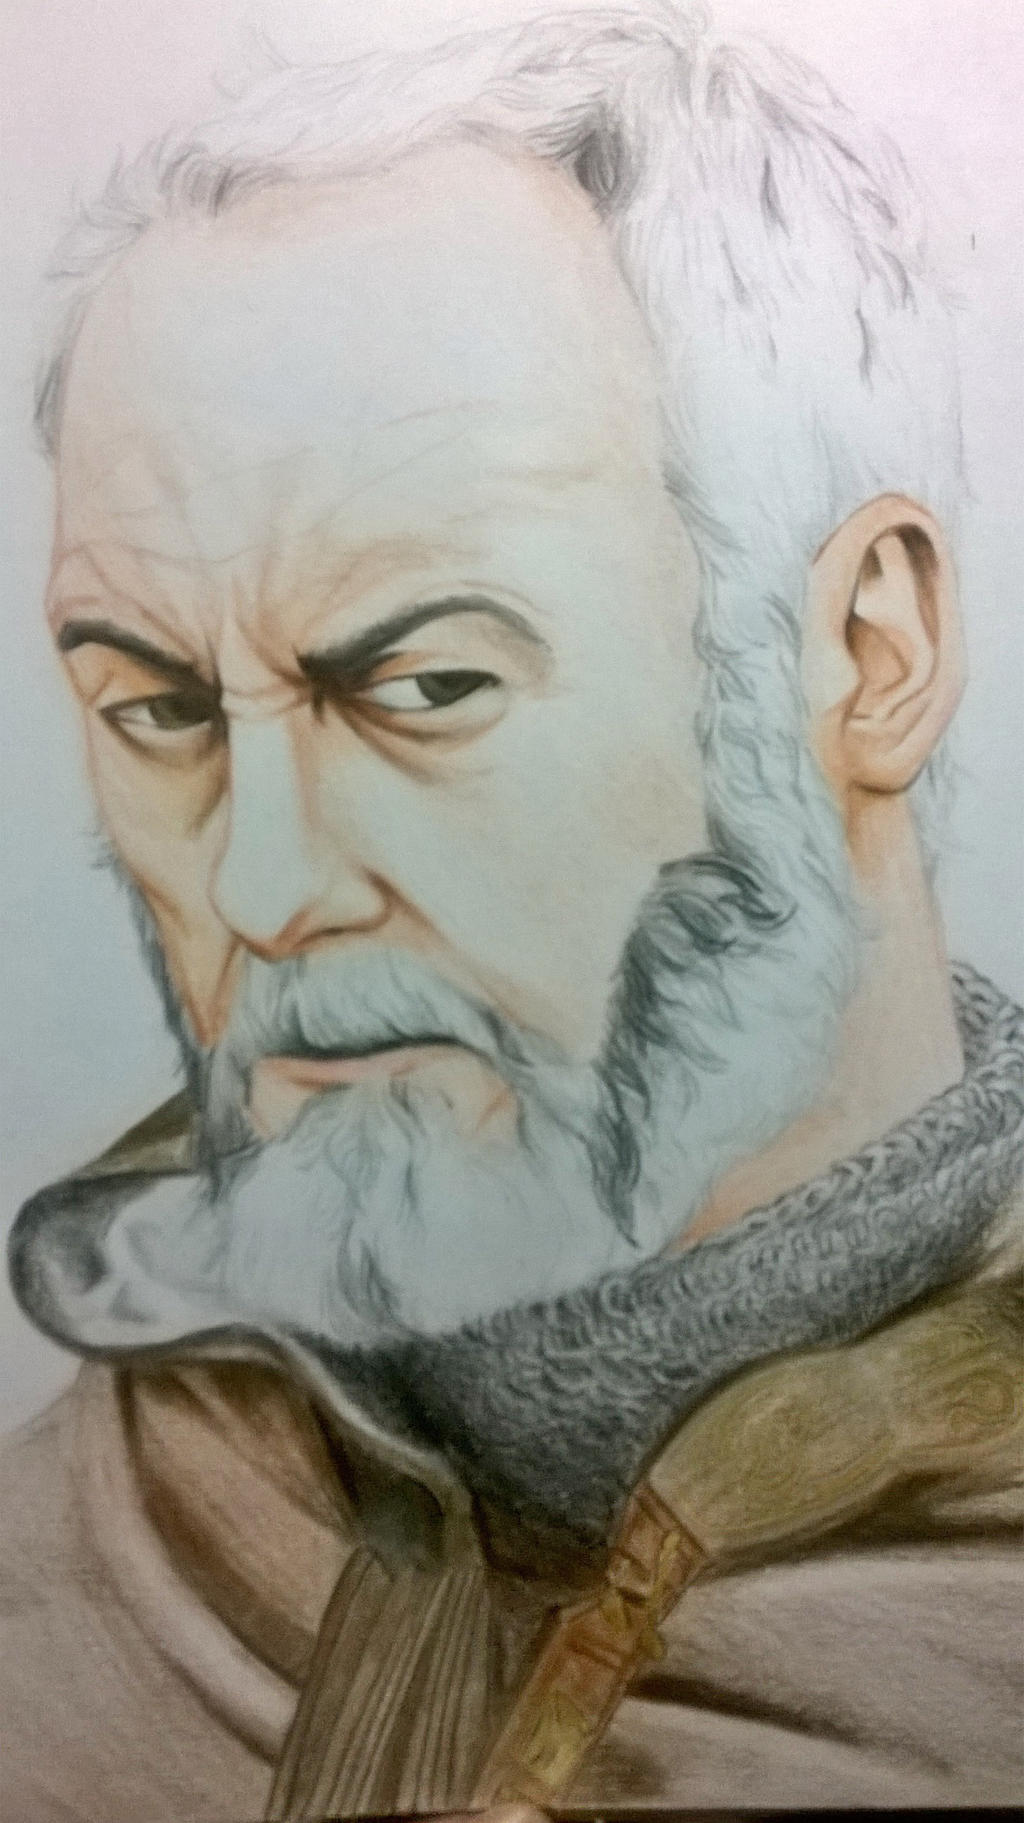 Ser Davos Seaworth by JasonAvenger23